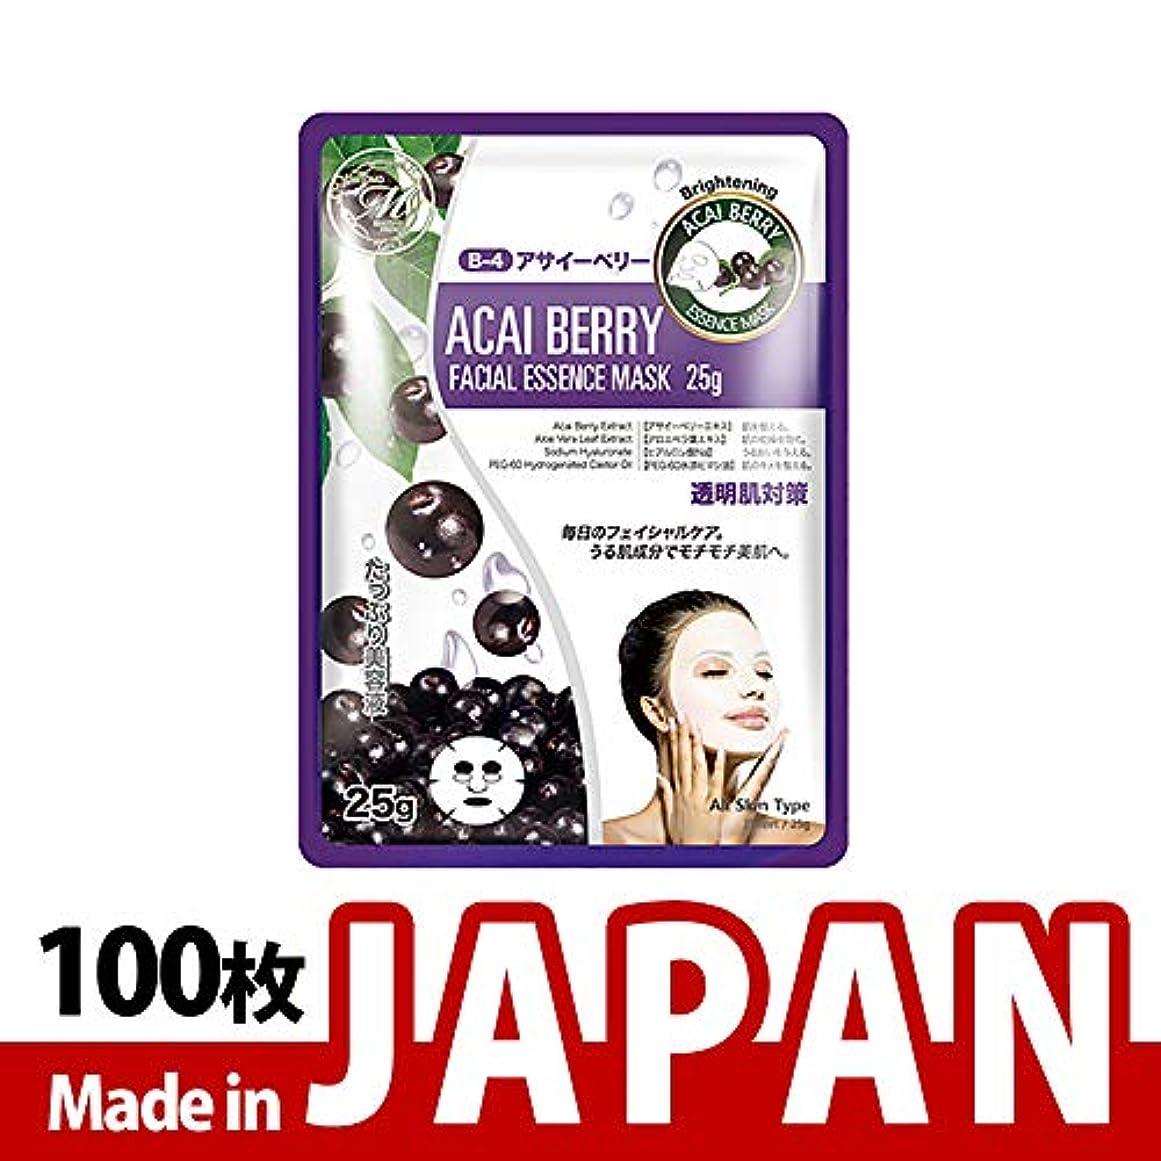 逆さまに軸リサイクルするMITOMO日本製【MT512-B-4】シートマスク/10枚入り/100枚/美容液/マスクパック/送料無料